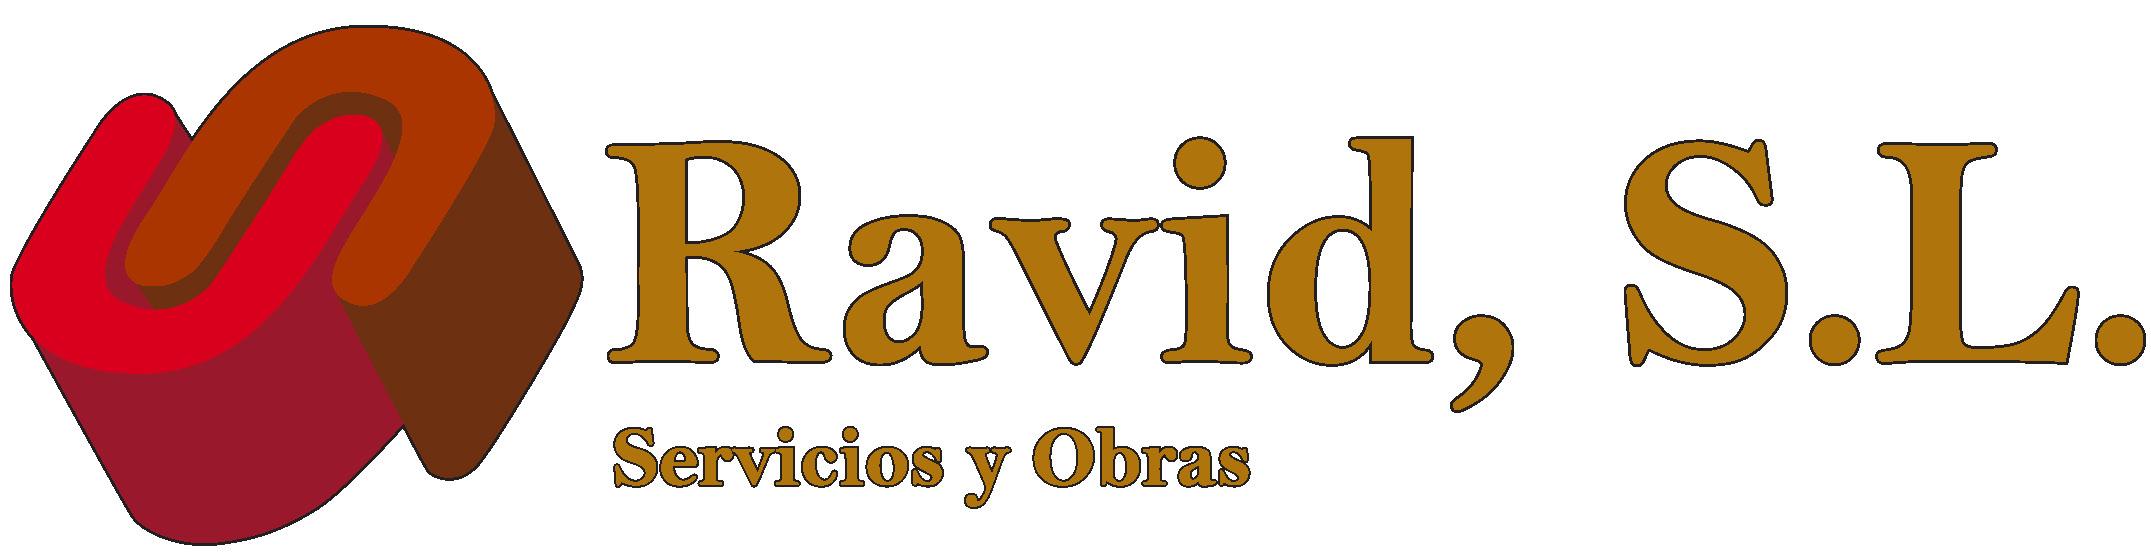 Servicos Y Obras Ravid, S.l.